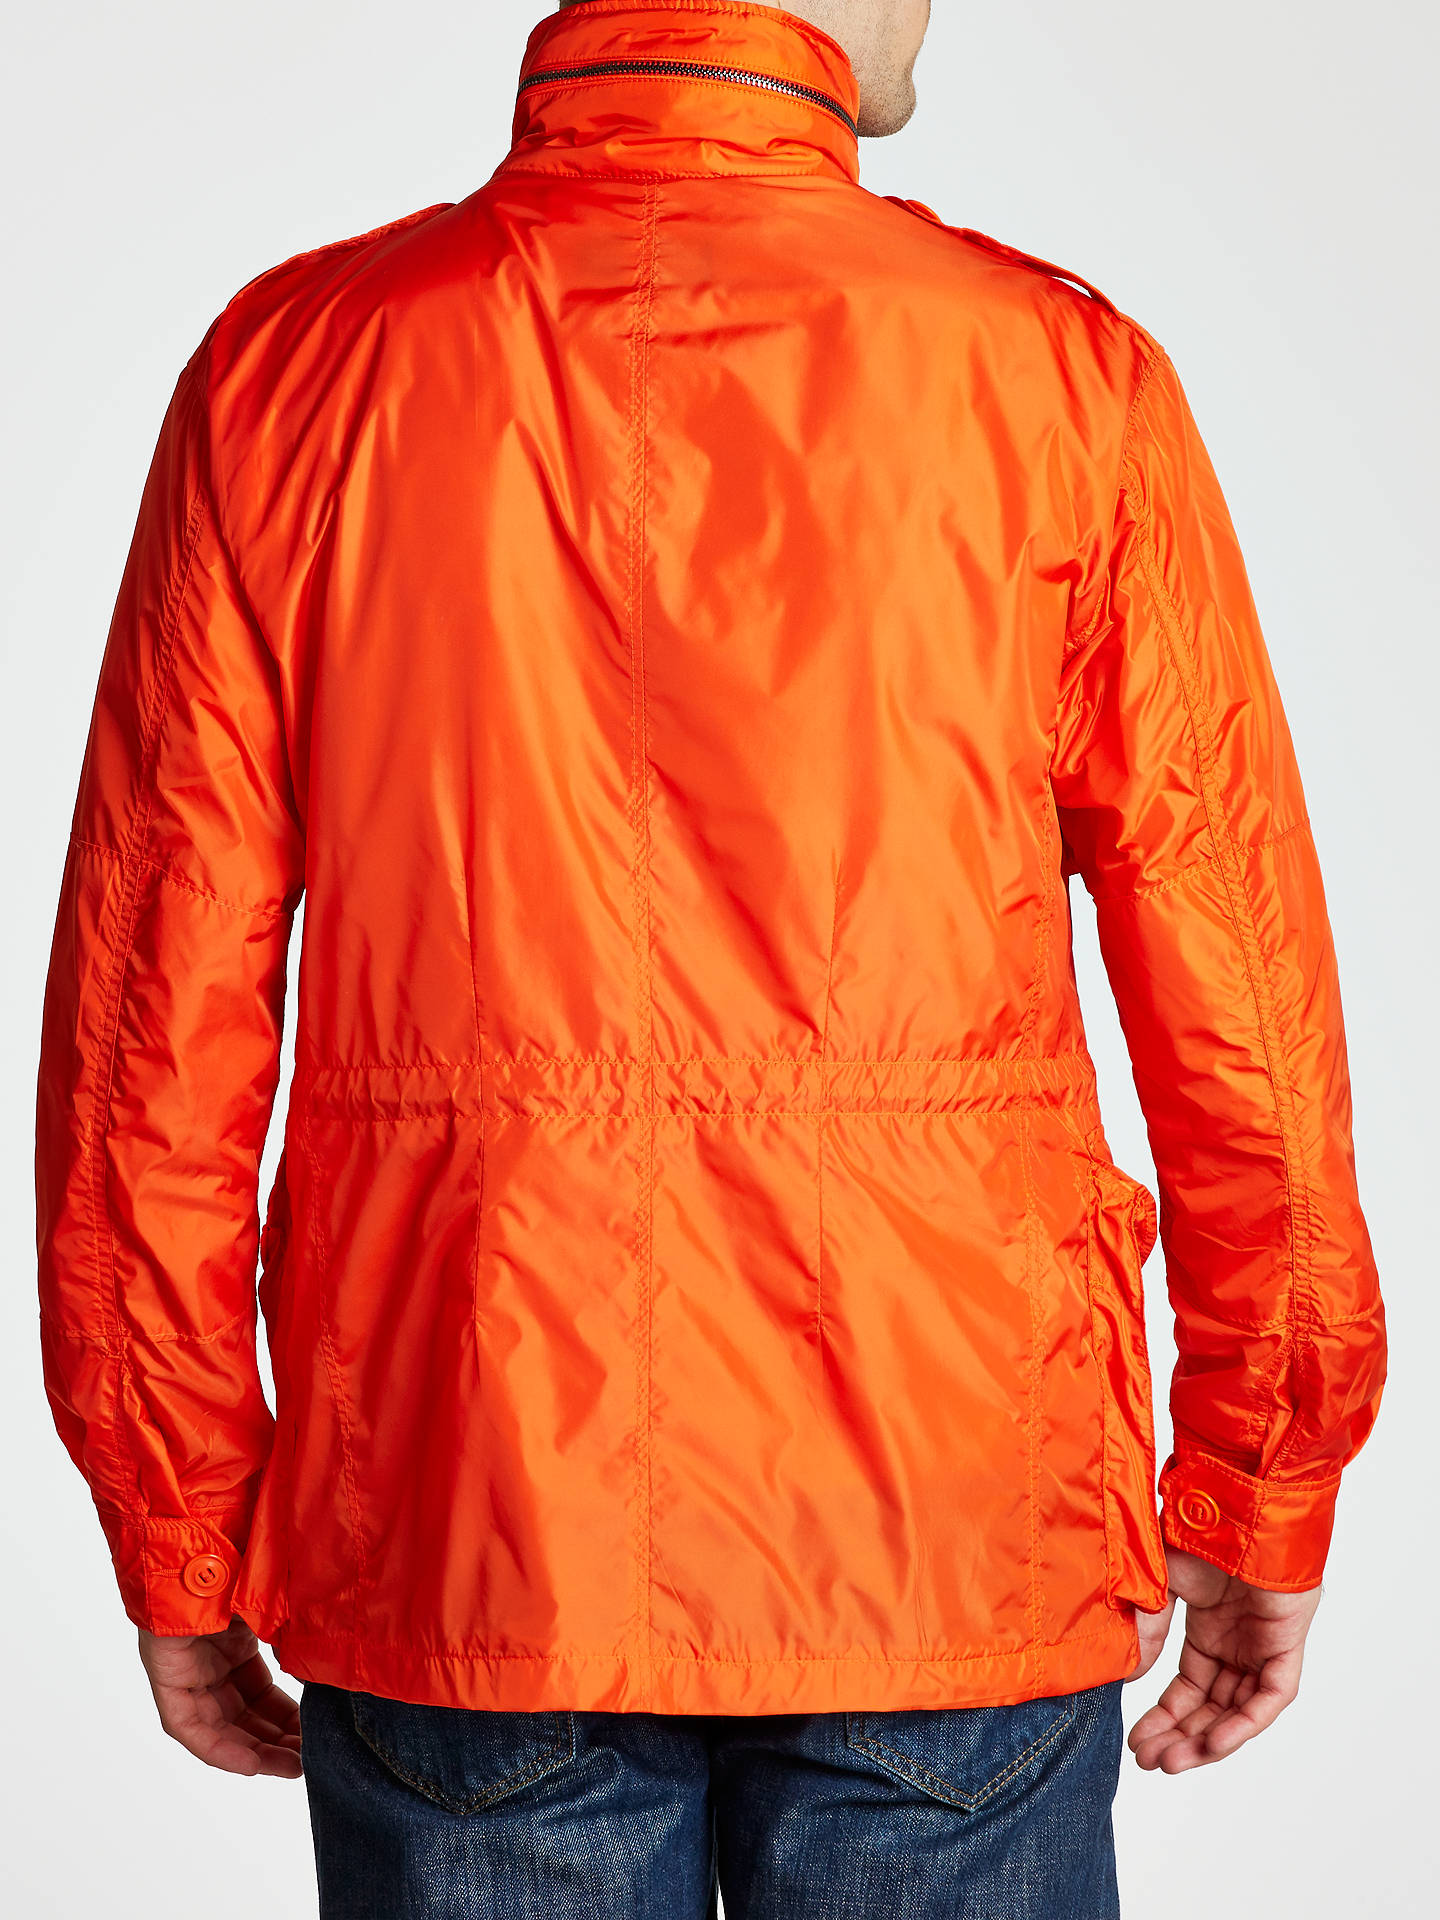 2b77a6a45e3 Buy Polo Ralph Lauren Lightweight Combat Jacket